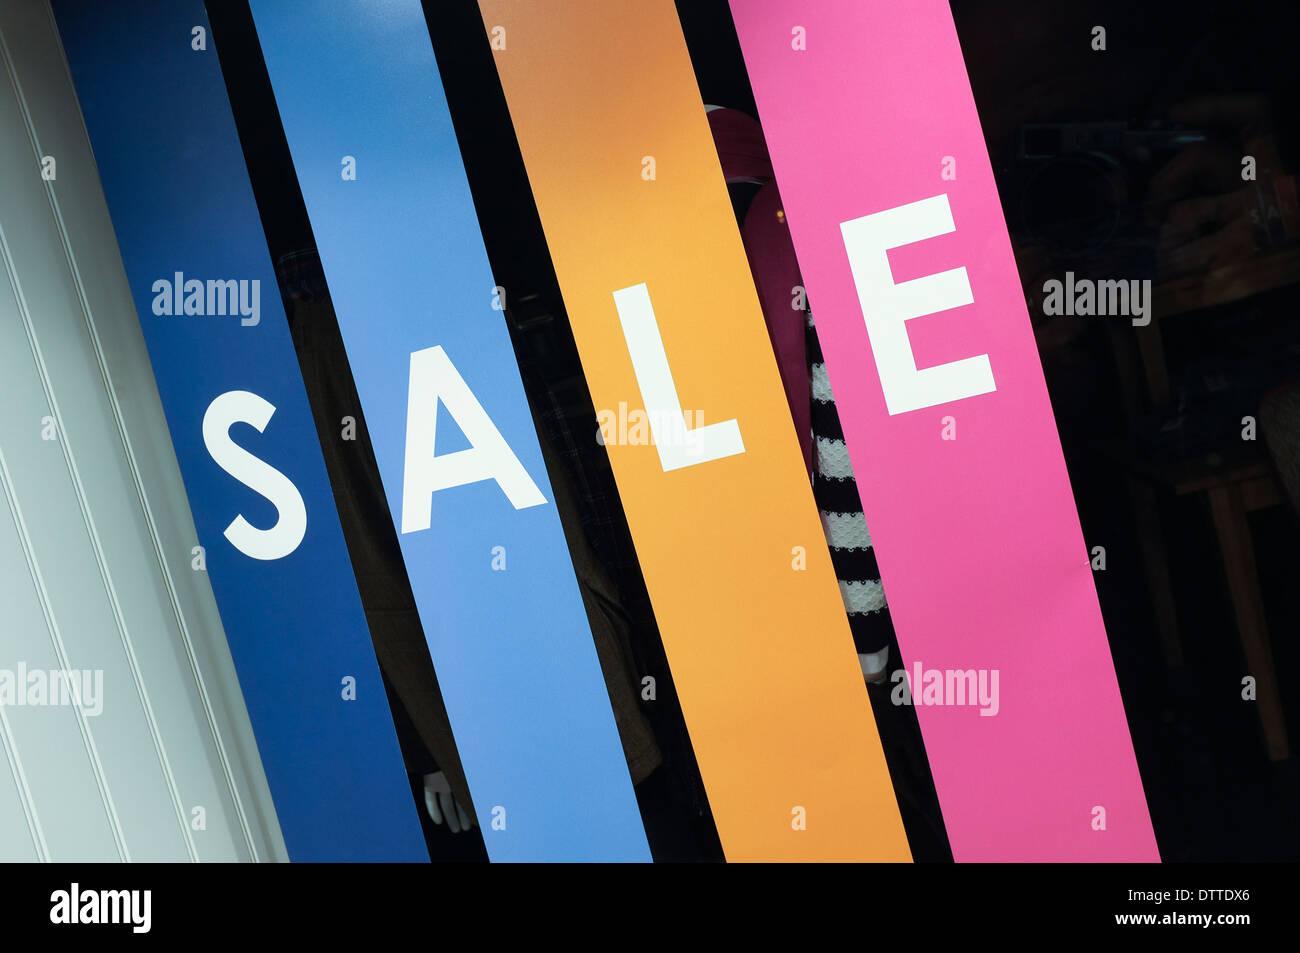 Shop Fenster Verkauf Banner Crew Shop Stockbild